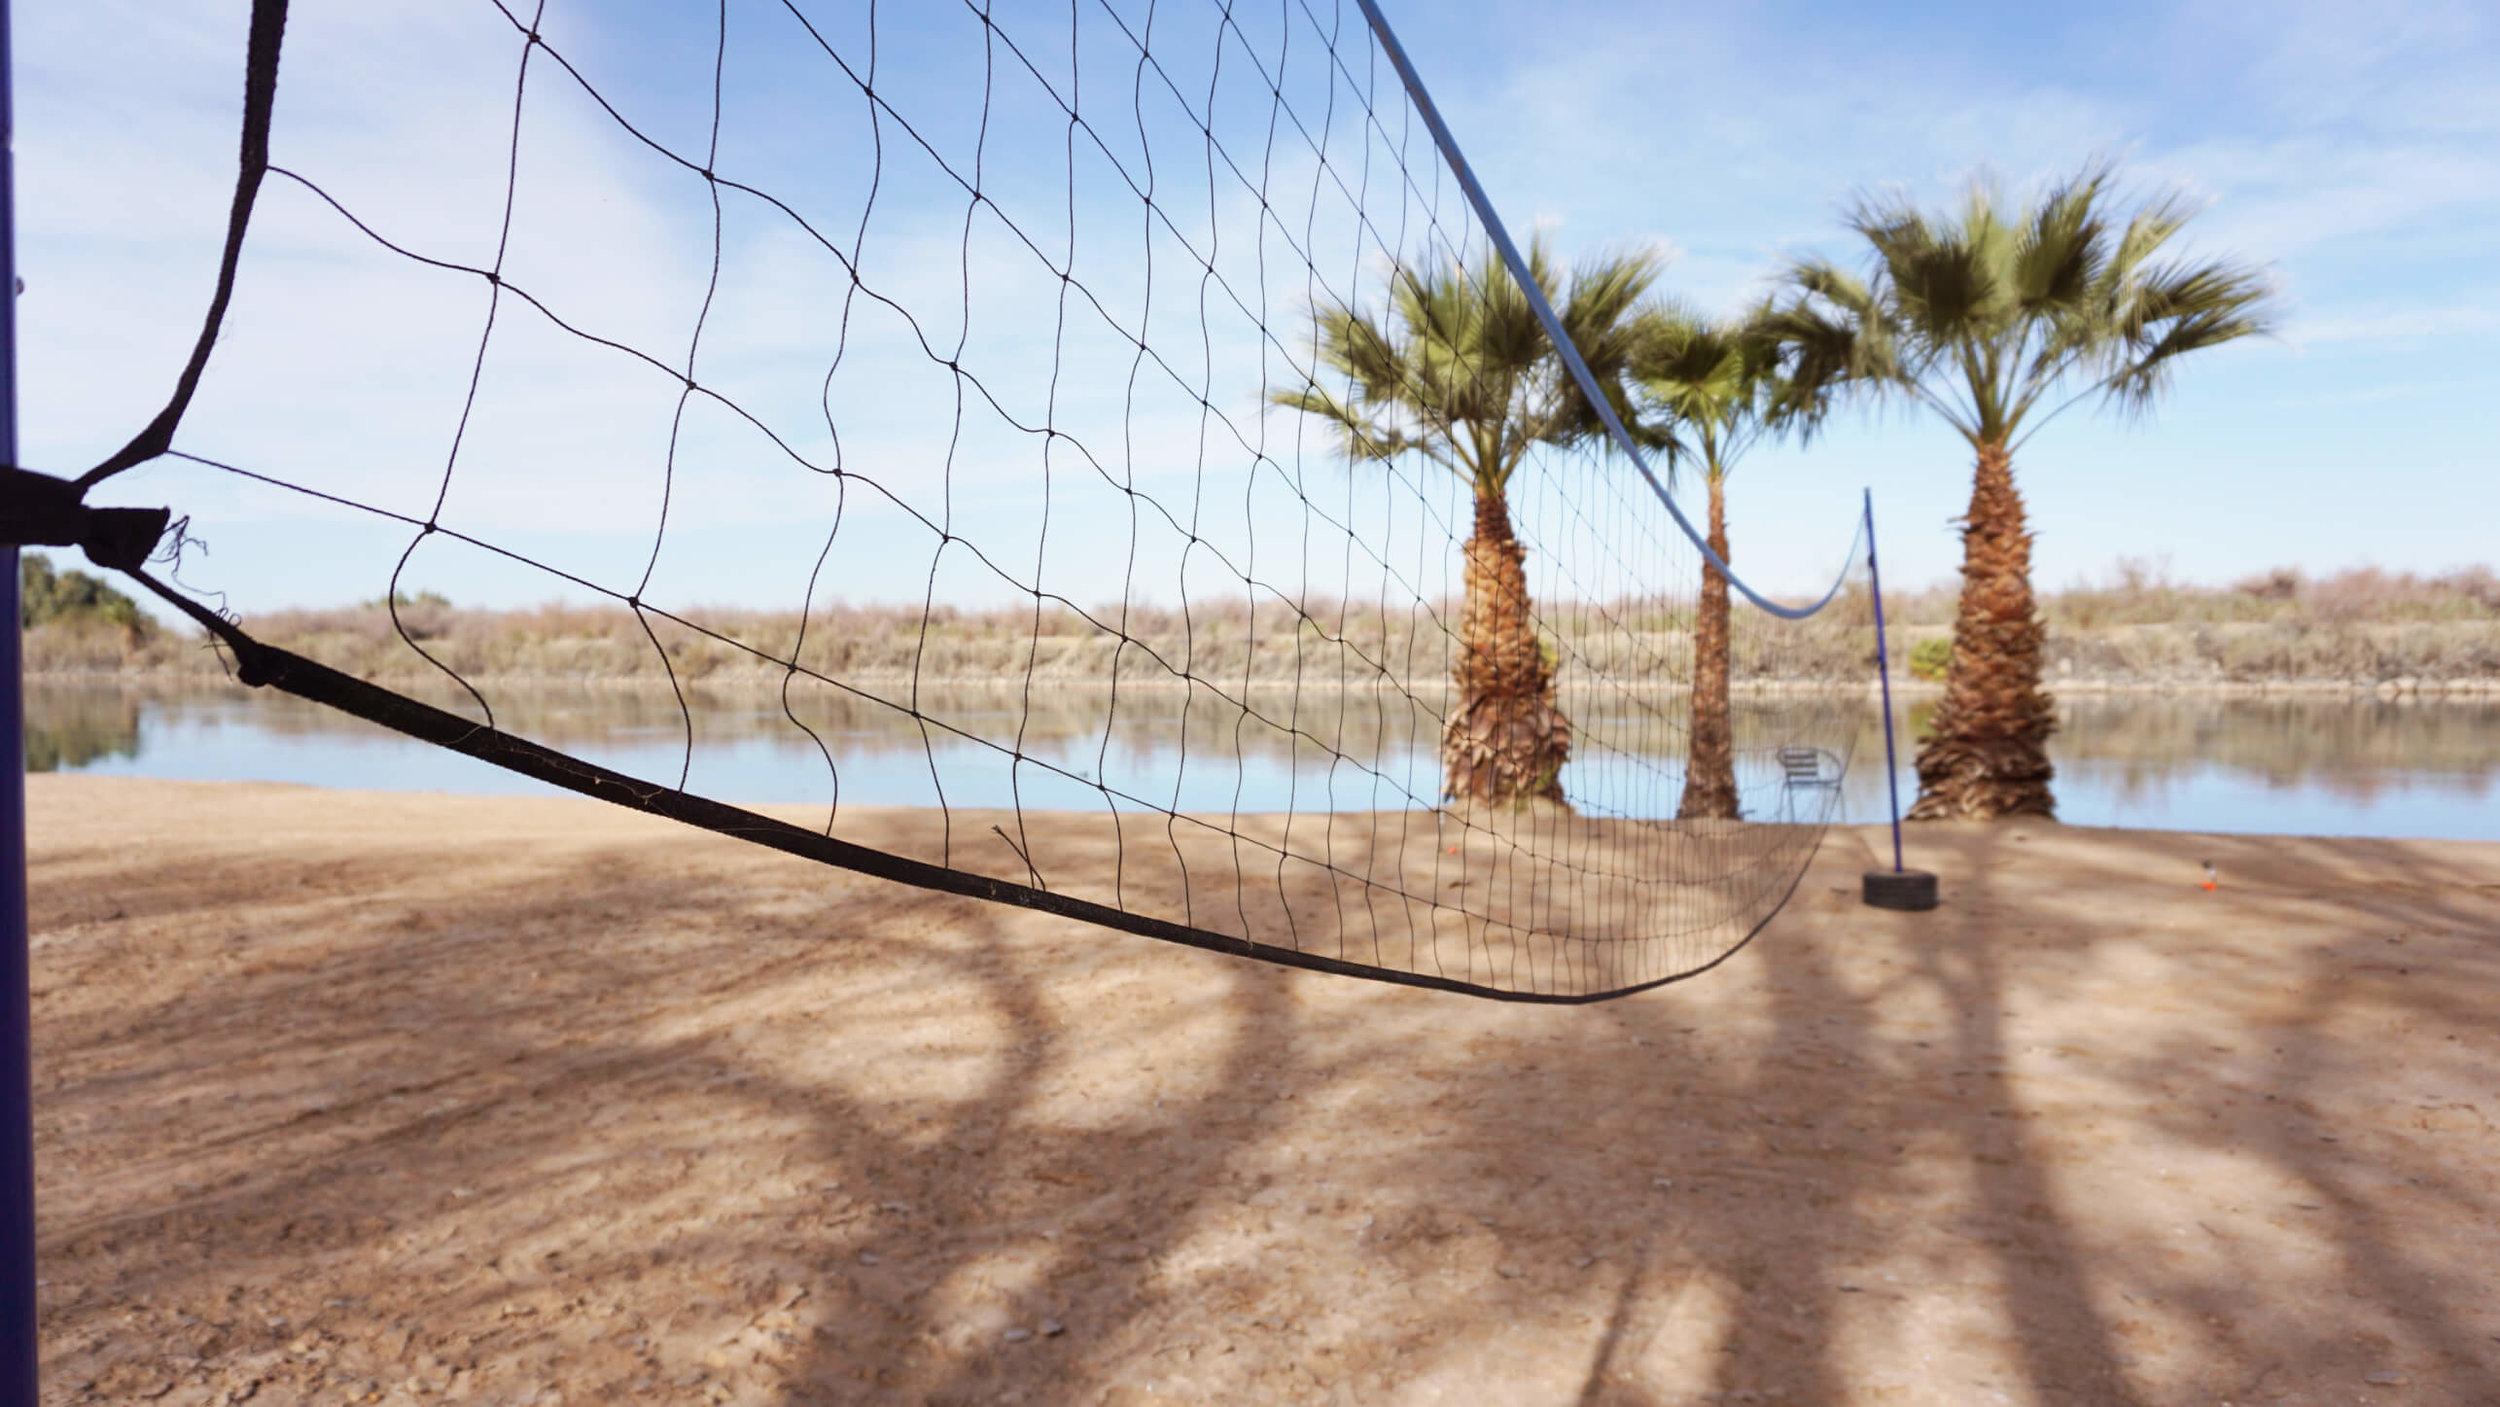 Play beach volley ball